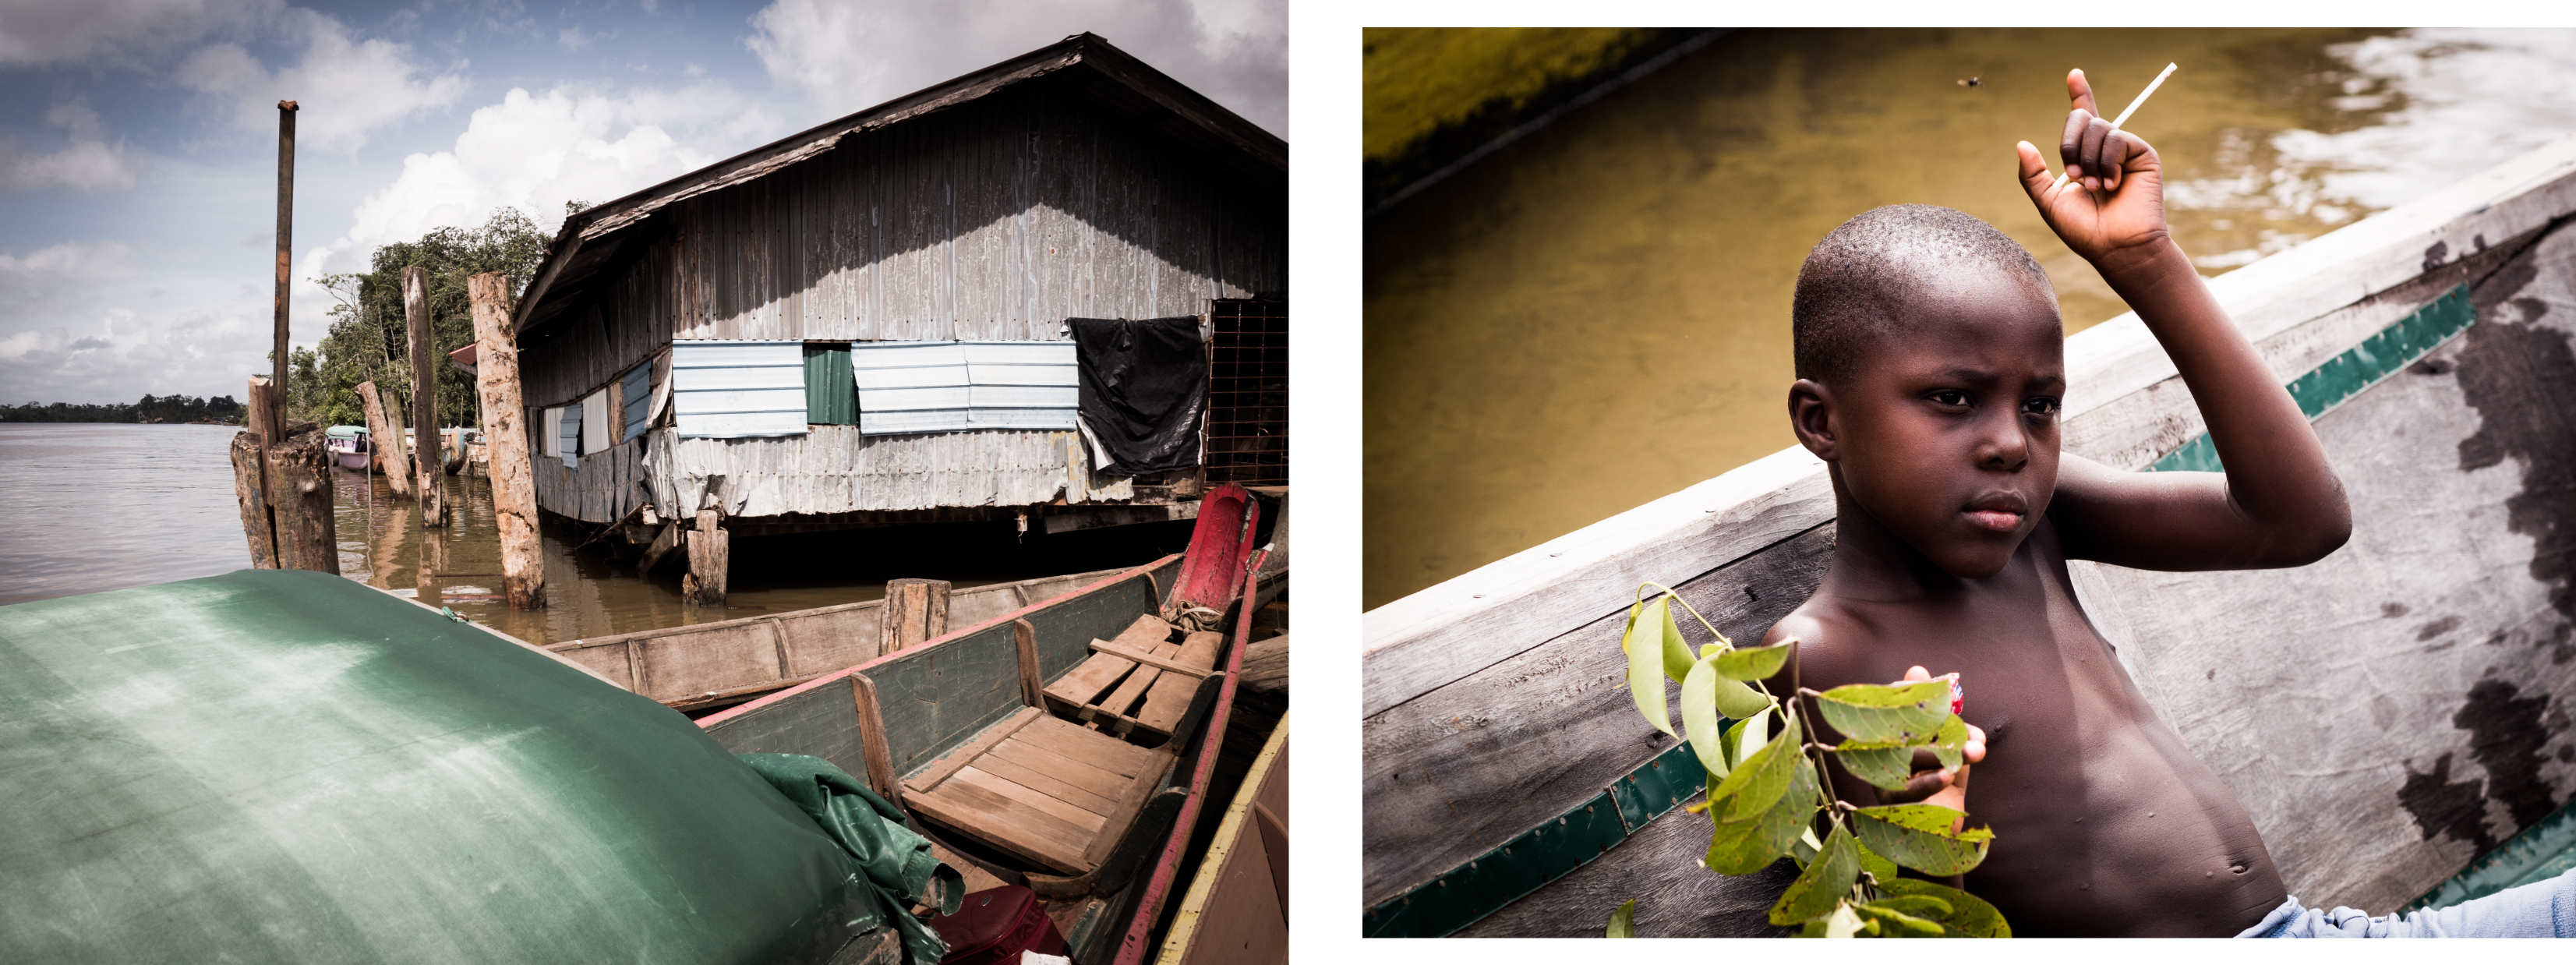 guyane Amazonie - enfant pirogue sur les rives du maroni - fleuve st laurent